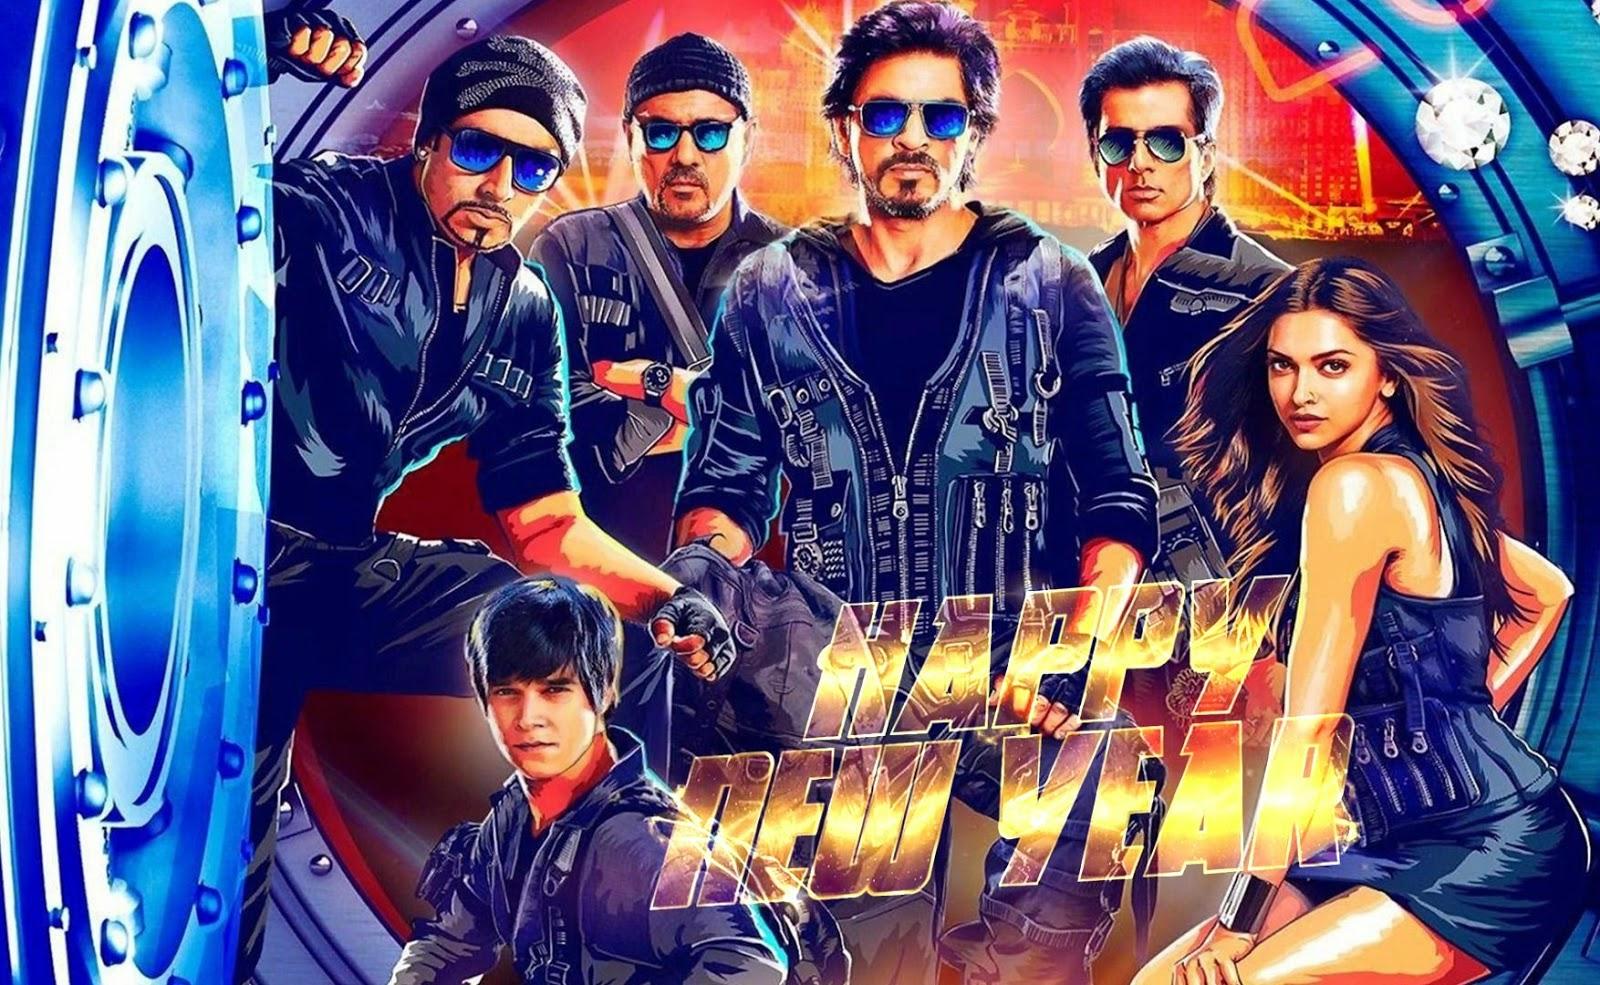 Movie happy new year dipika padu, sharukh khan postor 2014 (Actor and Actress Hd Wallpaper)